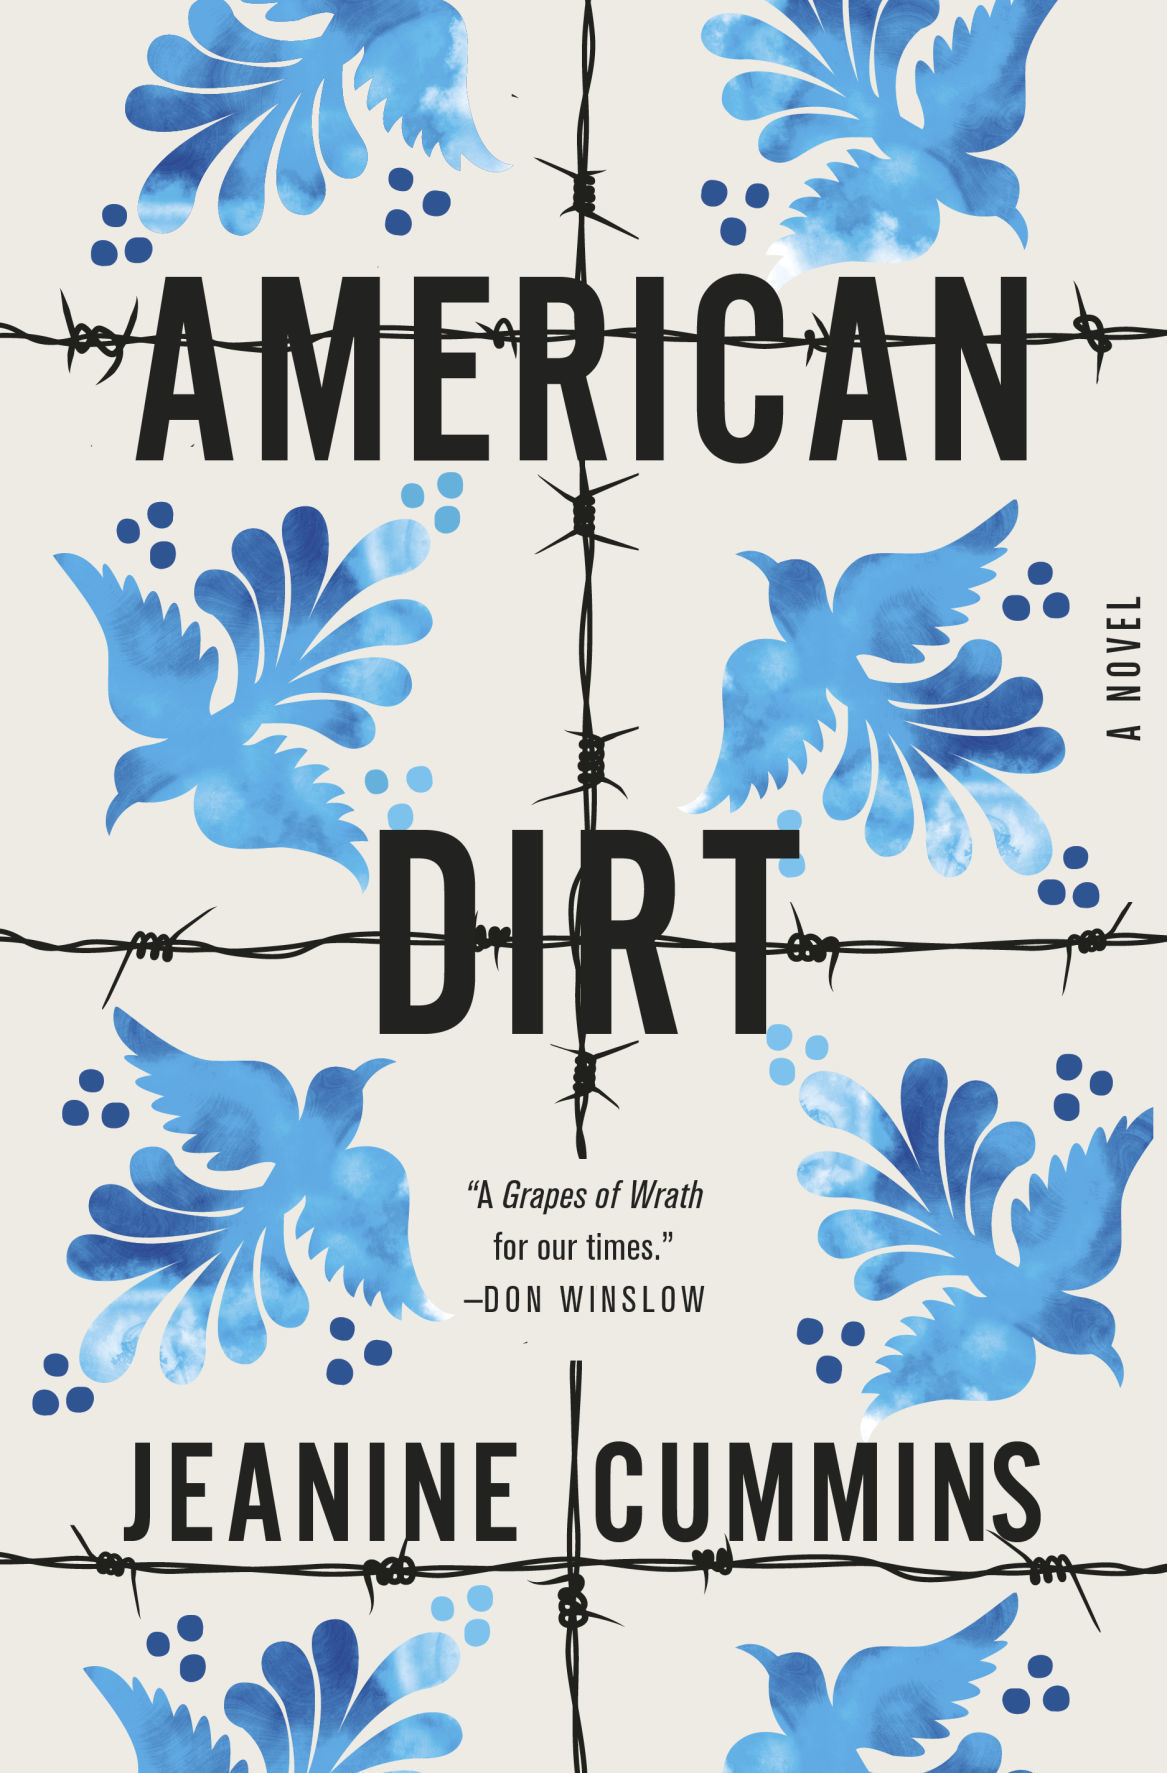 Book Review - American Dirt